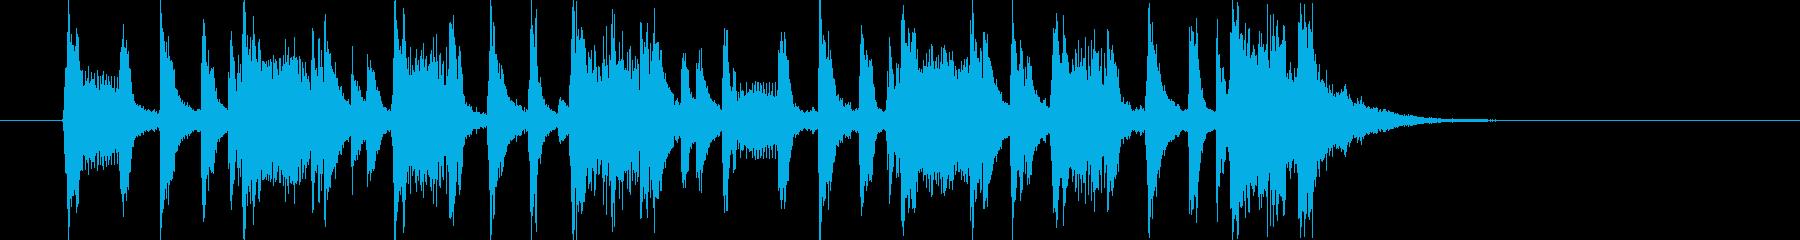 ゆったりとメローなトランペットジングルの再生済みの波形